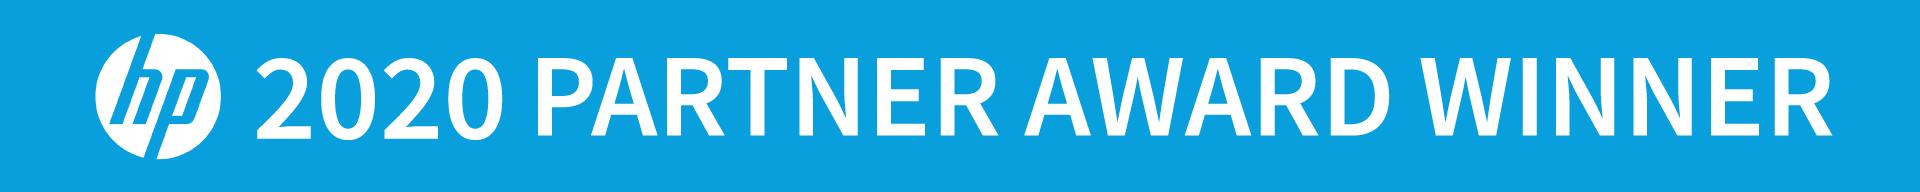 2020 HP Partner Award Winner Banner